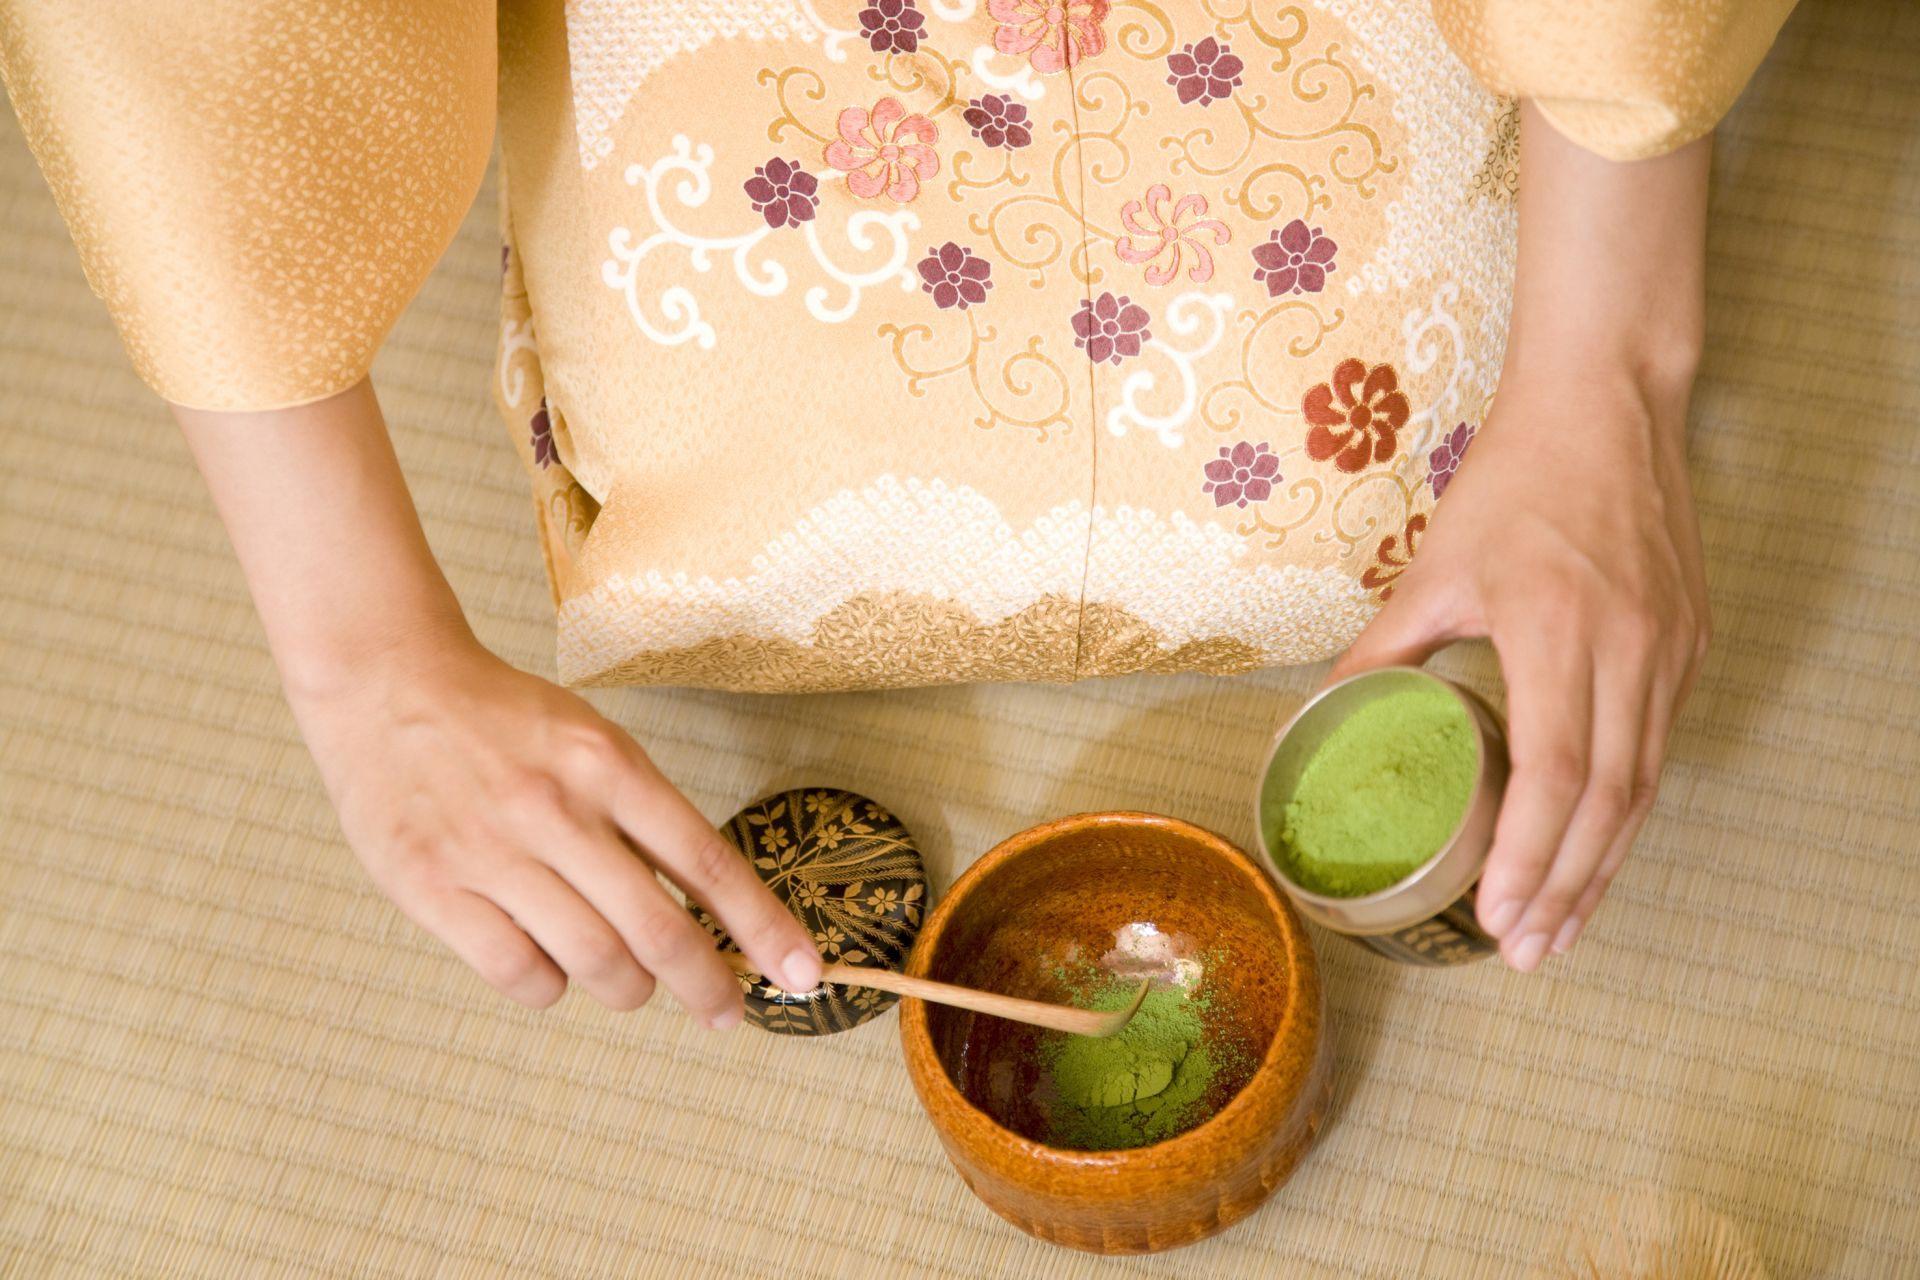 将磨好的抹茶从茶罐用茶杓缓缓放入茶碗